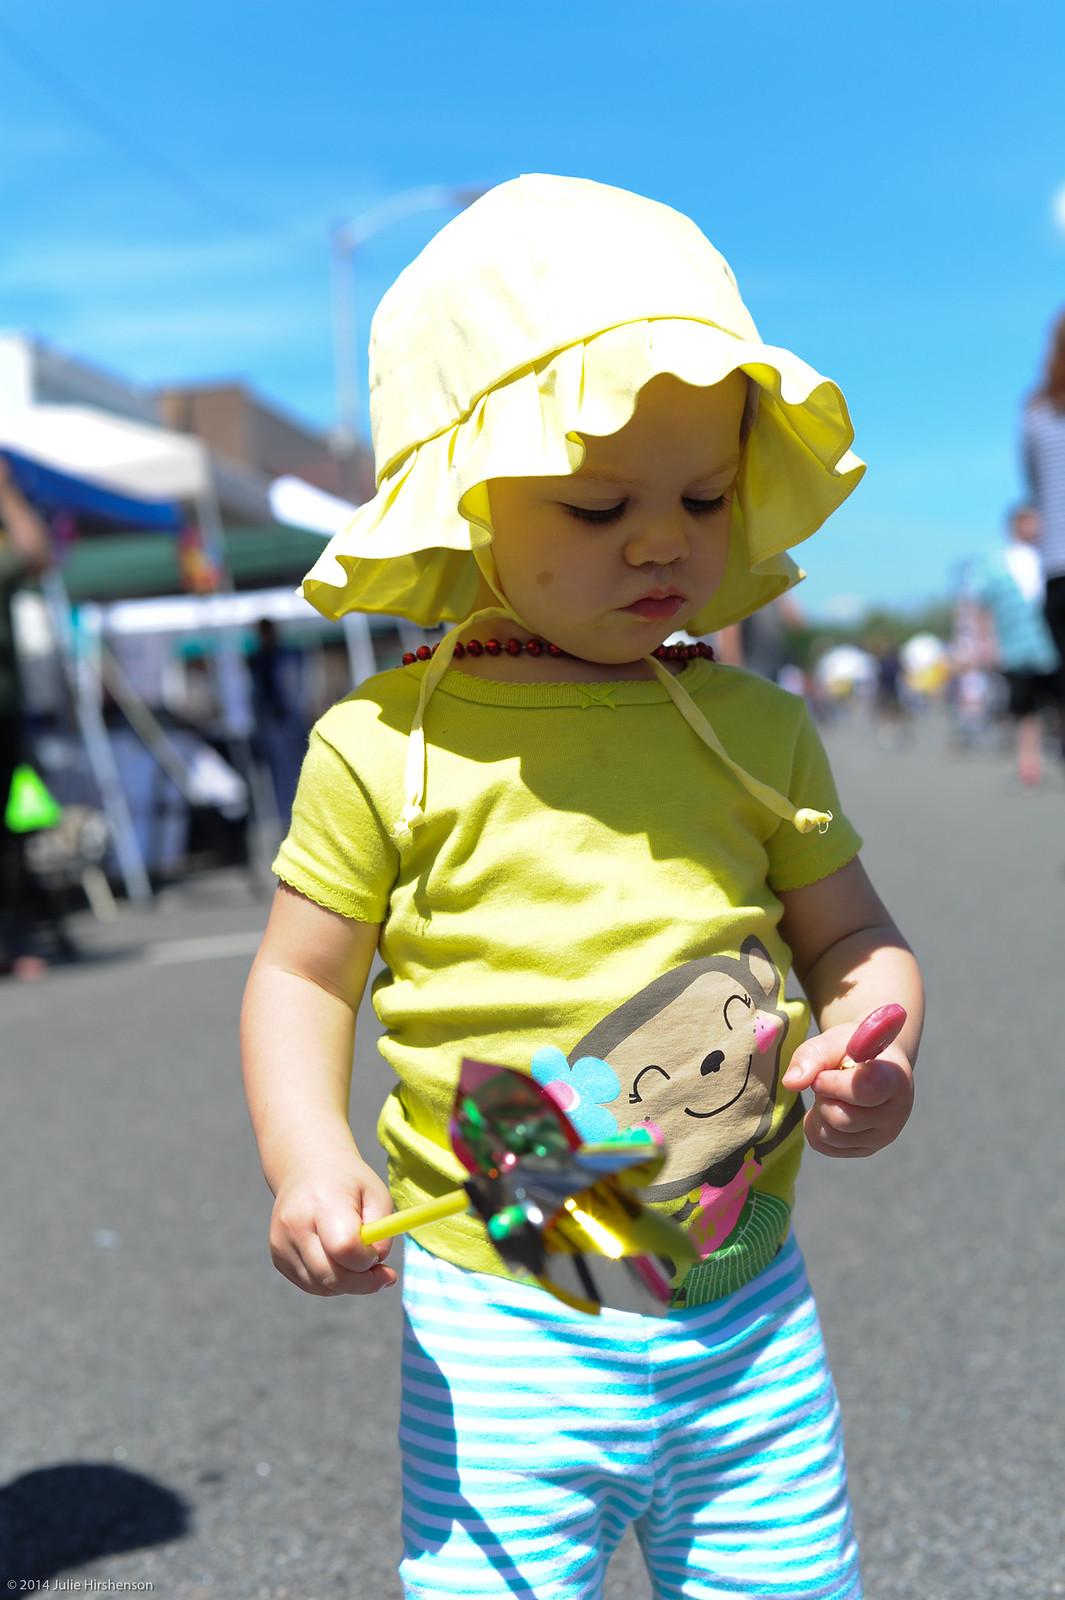 Audrey at the Denville Street Fair